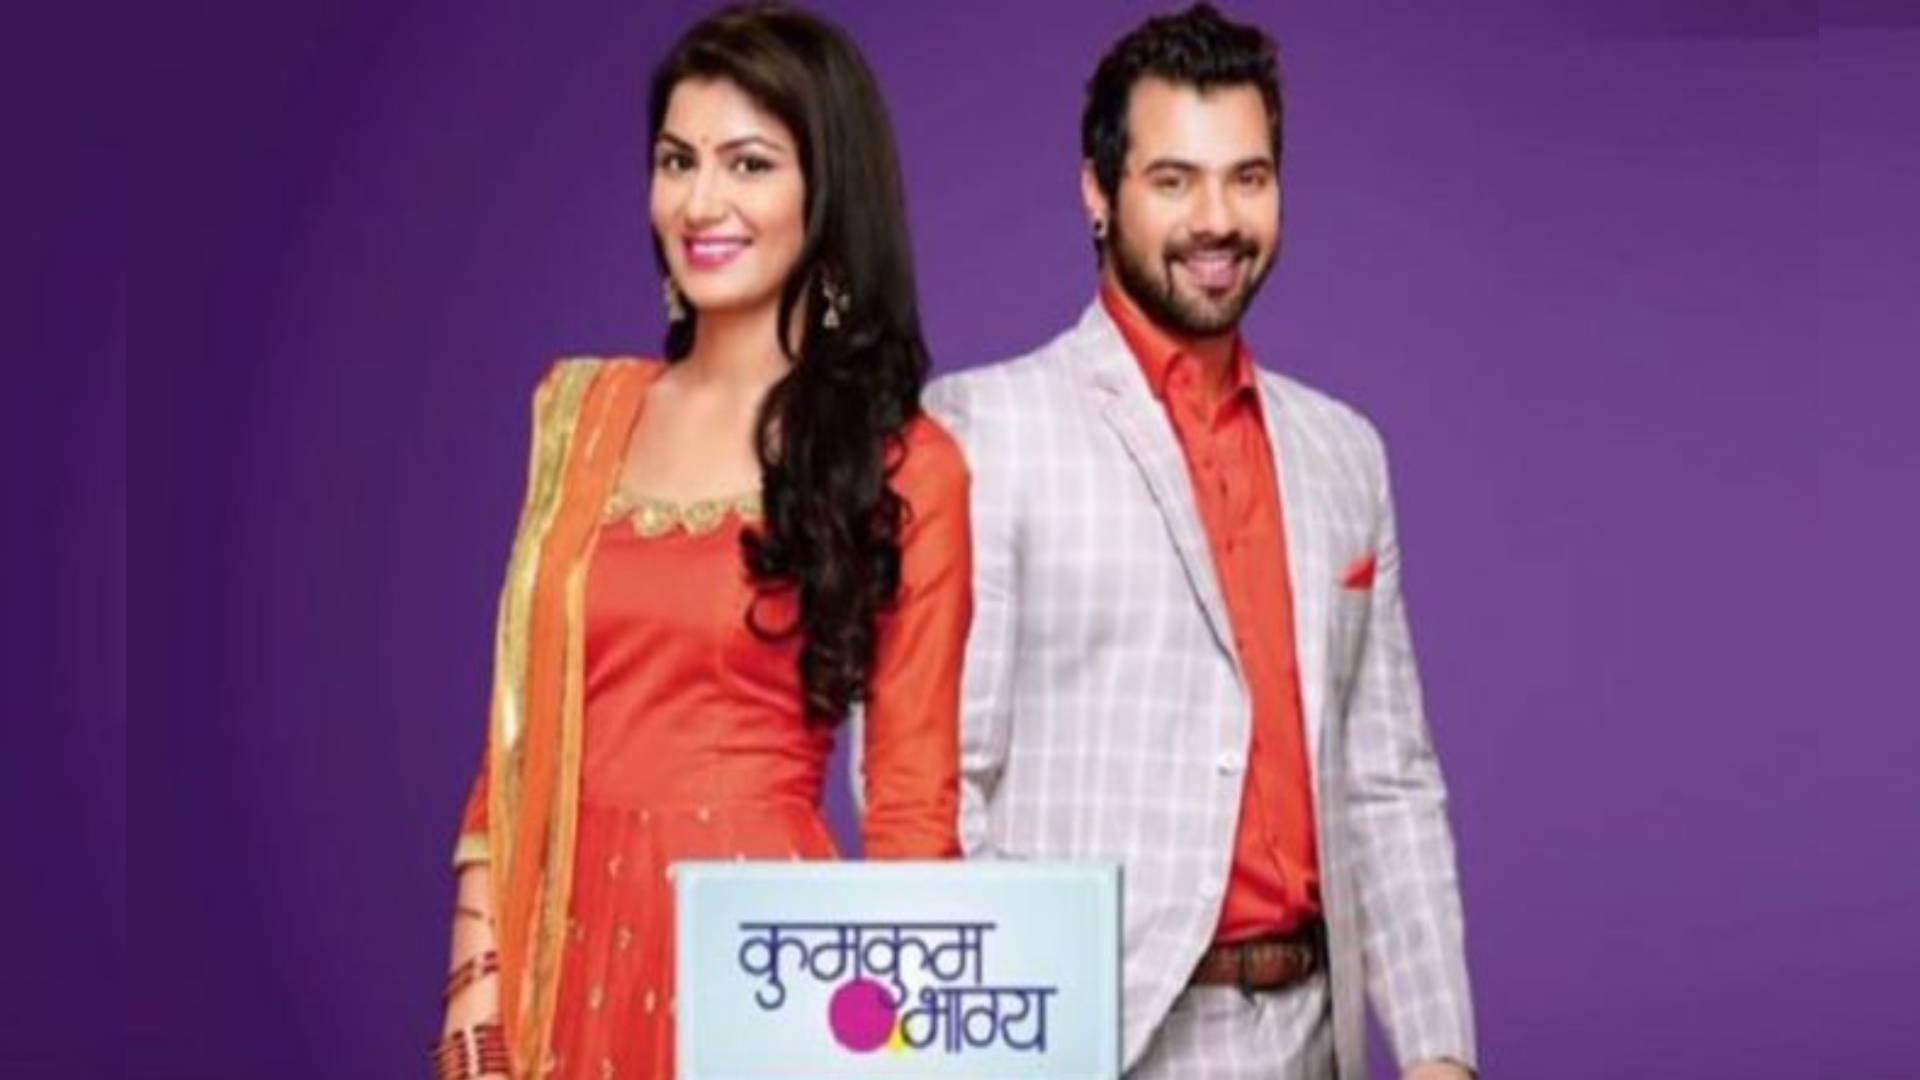 TV TRP: पहले नंबर पर पहुंचा टीवी सीरियल कुमकुम भाग्य, टॉप 5 से बाहर हुआ द कपिल शर्मा शो